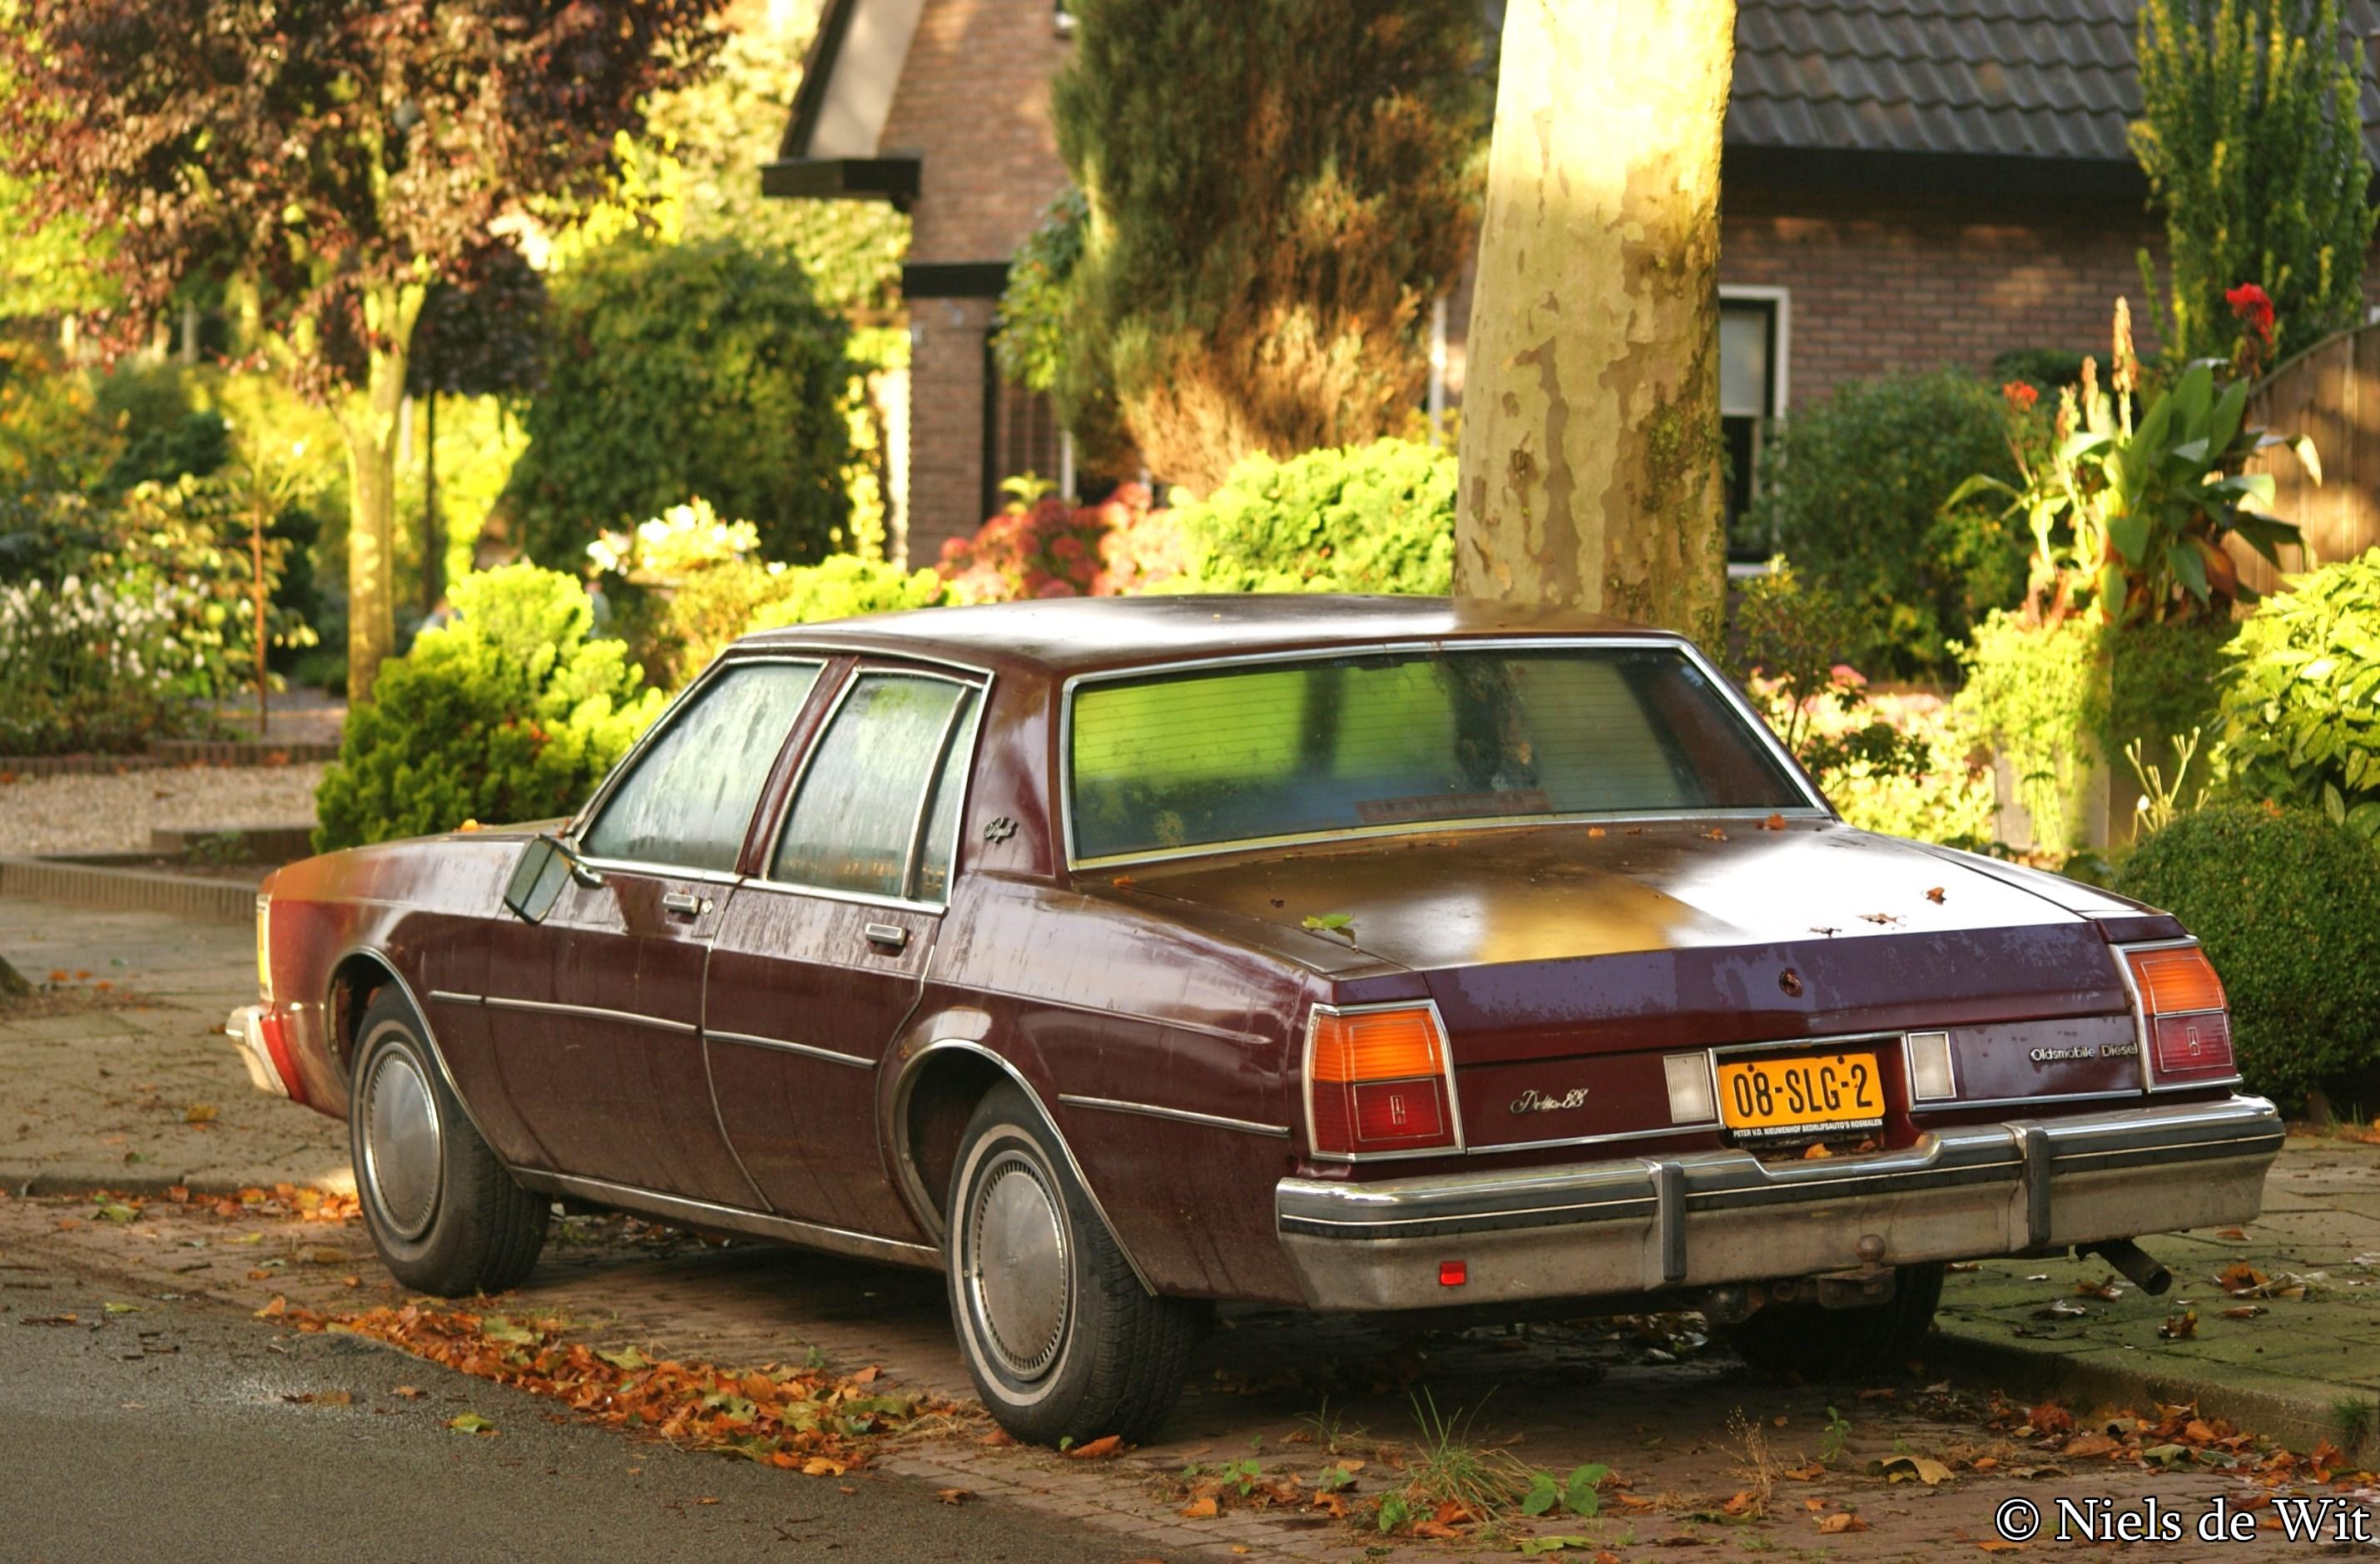 File:1980 Oldsmobile Delta 88 Royale Diesel (15163383740 ...1980 Oldsmobile Delta 88 Photos